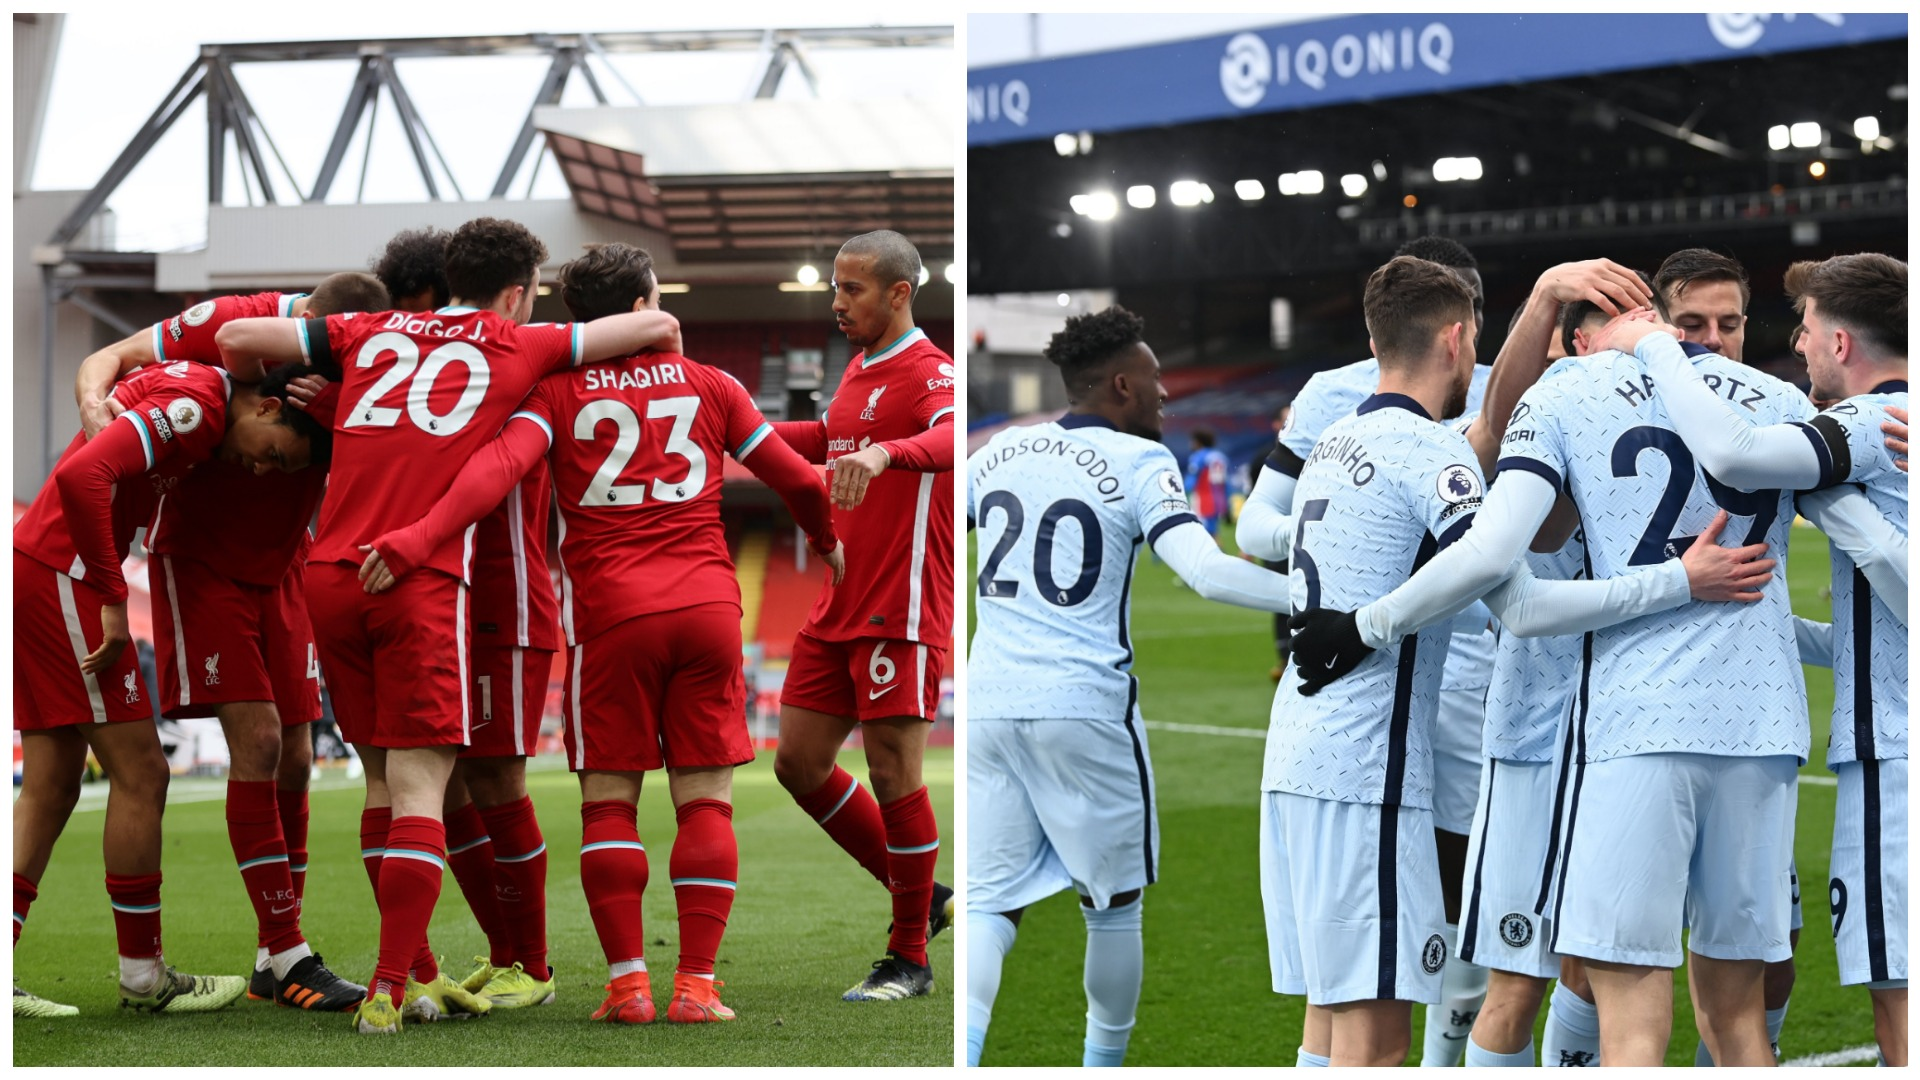 VIDEO/ Garë e ethshme për një vend në Champions, fitojnë Chelsea e Liverpool